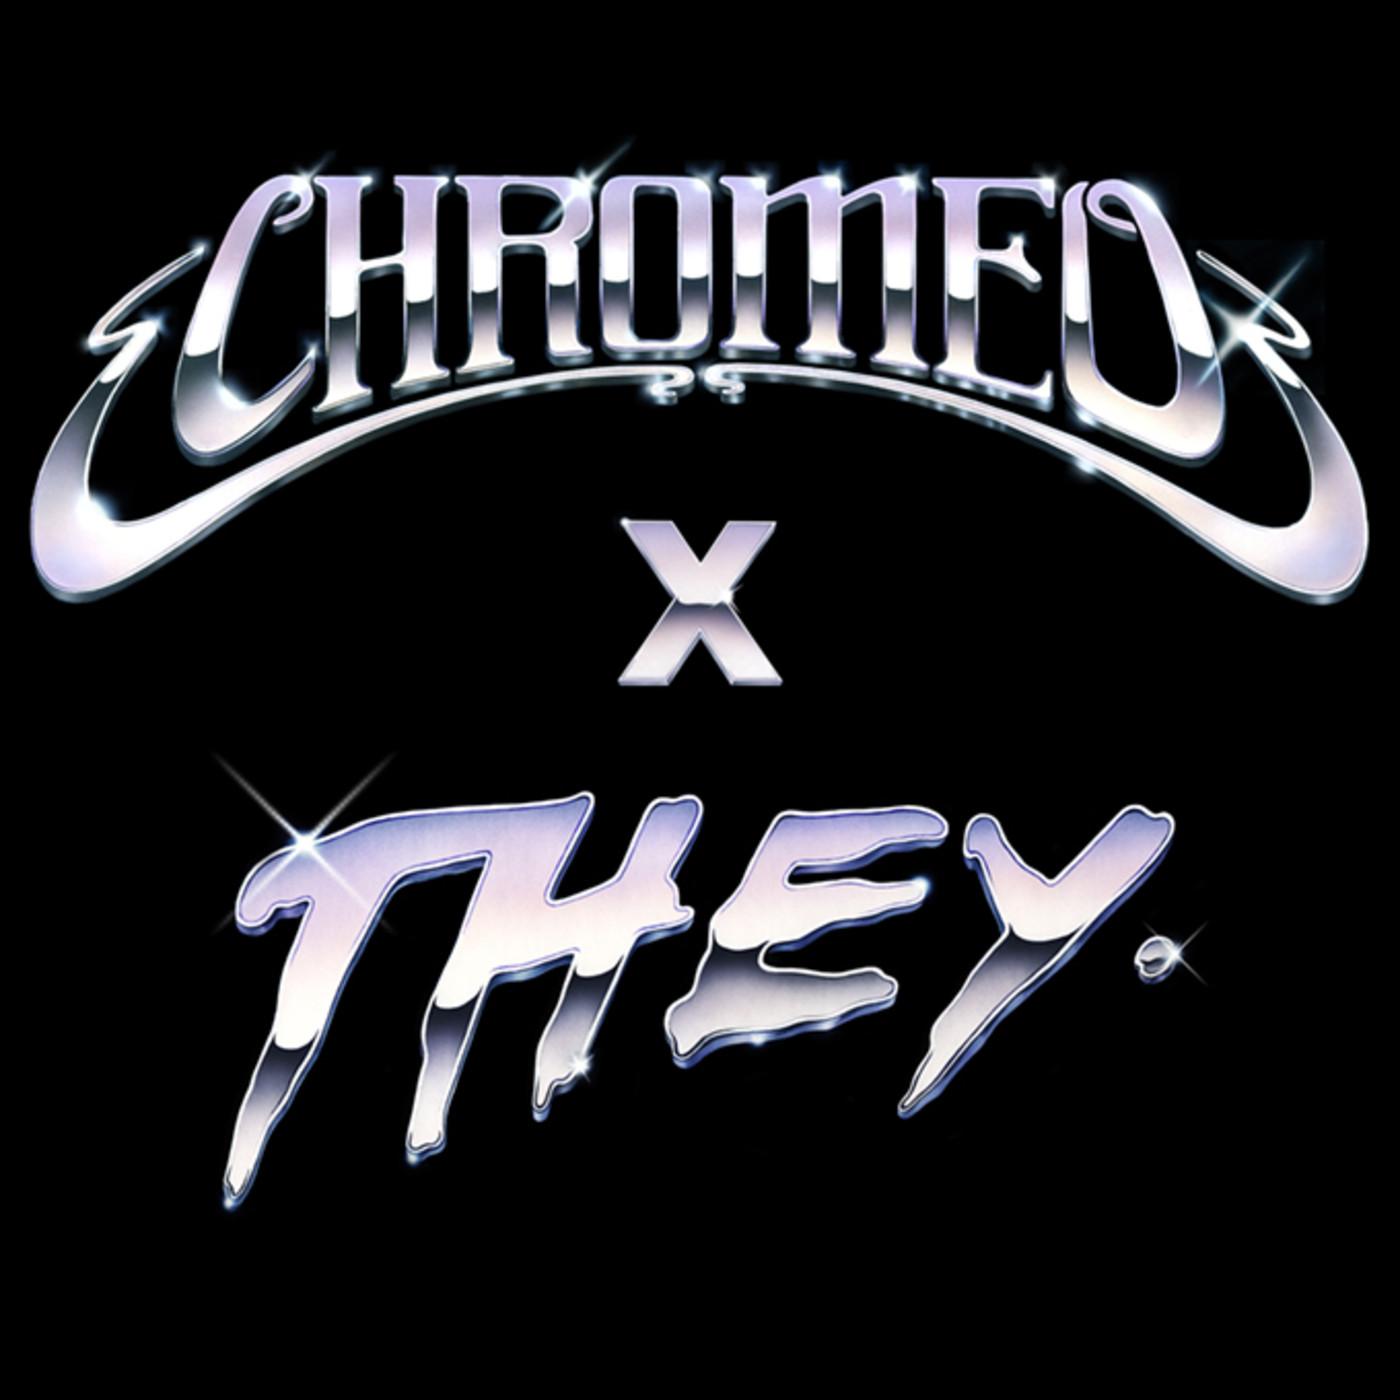 chromeo-they-remix-art